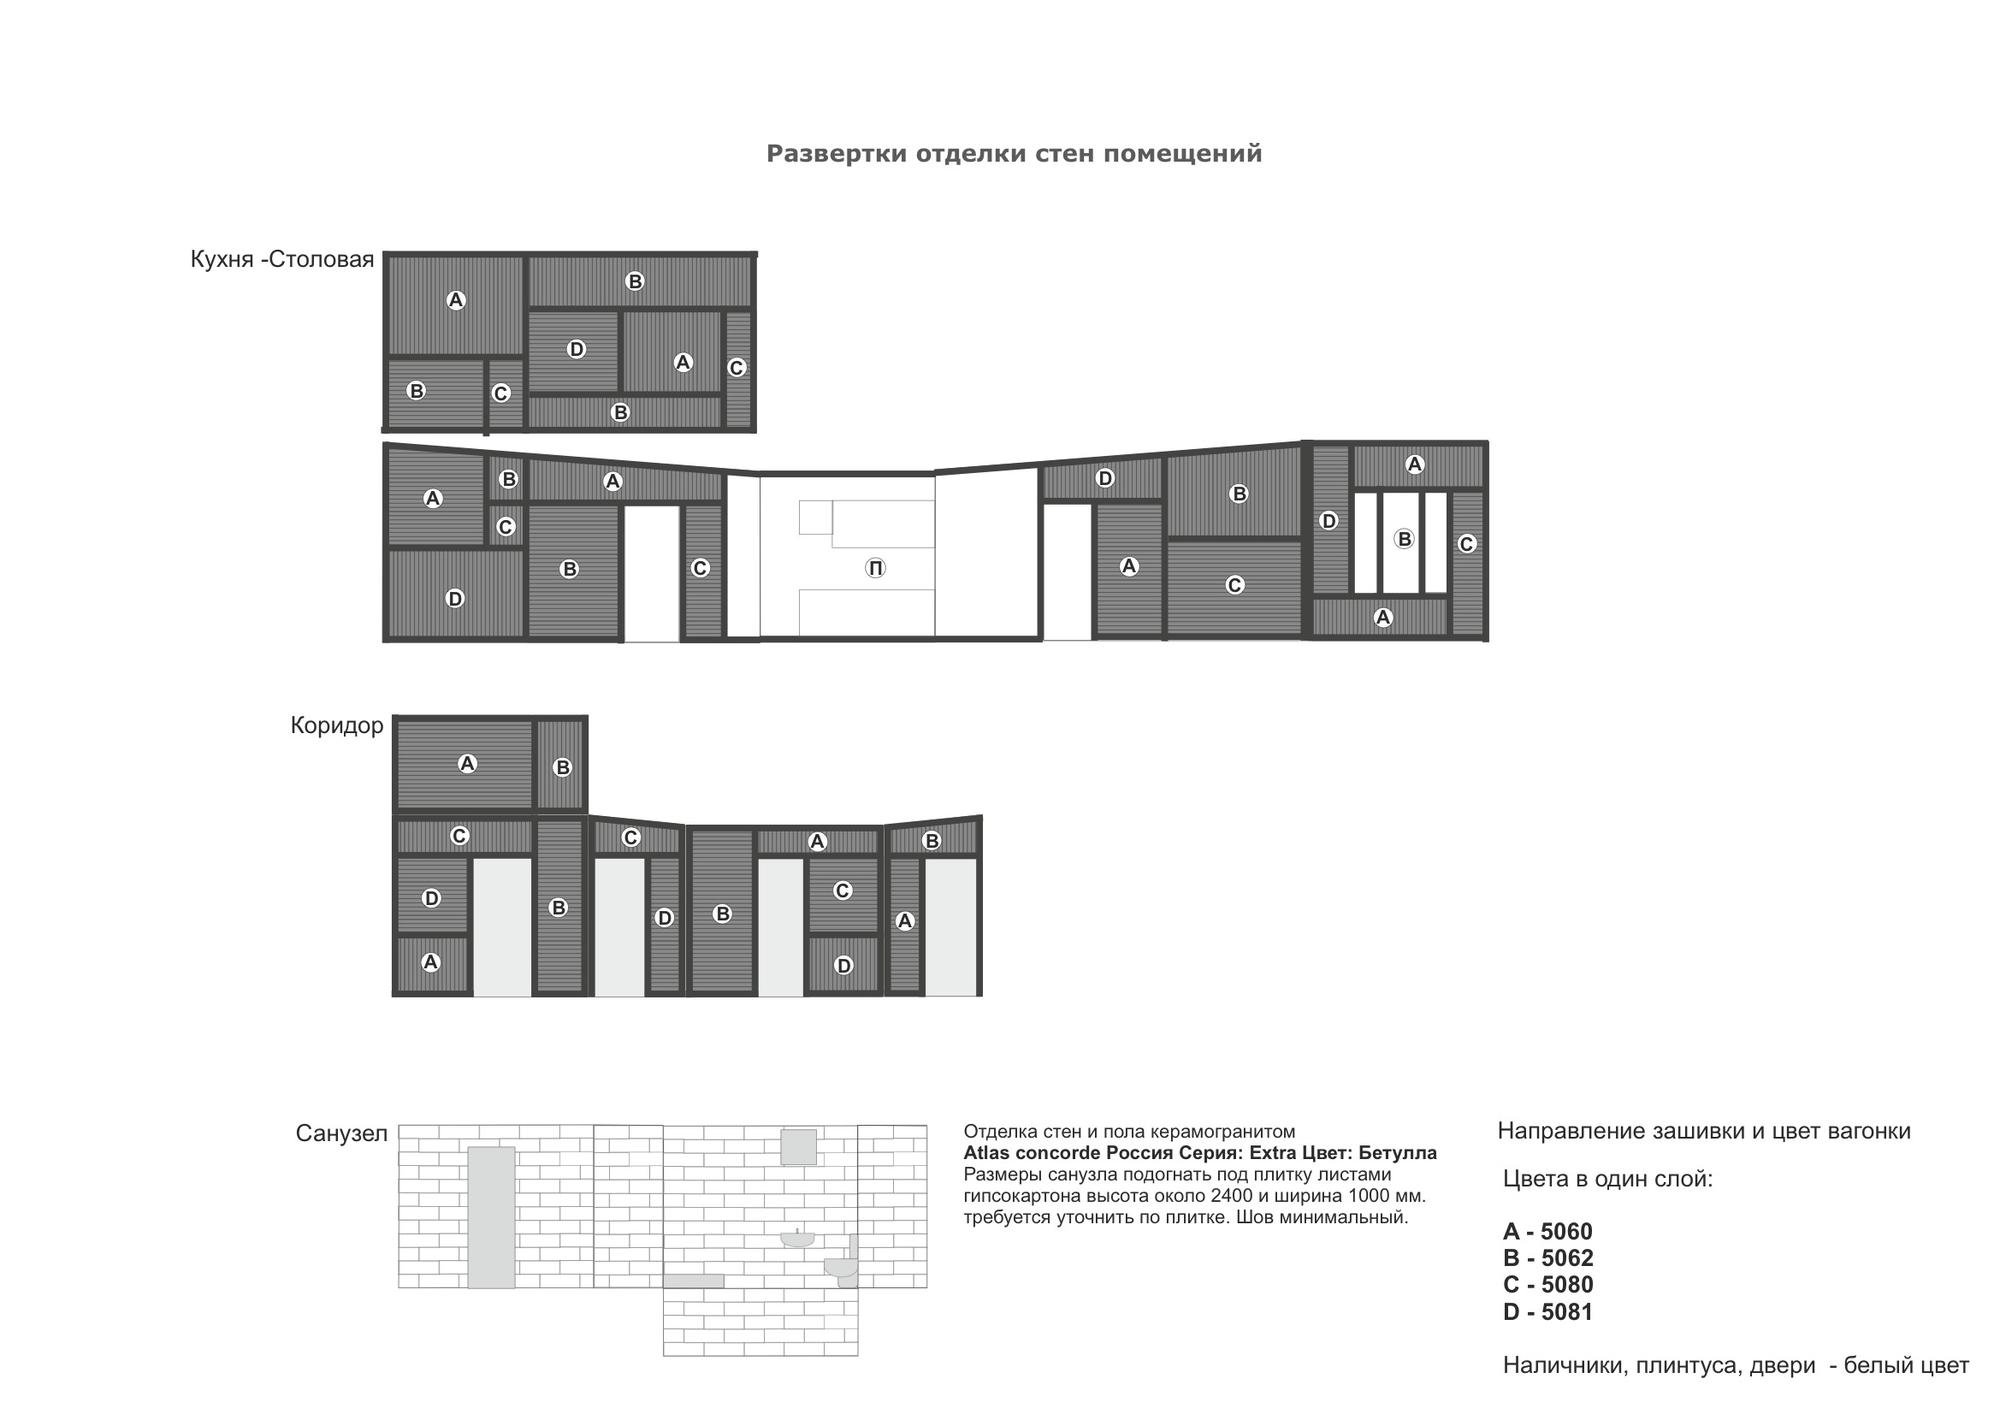 51ef105de8e44e6da3000088_deco-pattern-house-peter-kostelov_fa-ade_panels_02